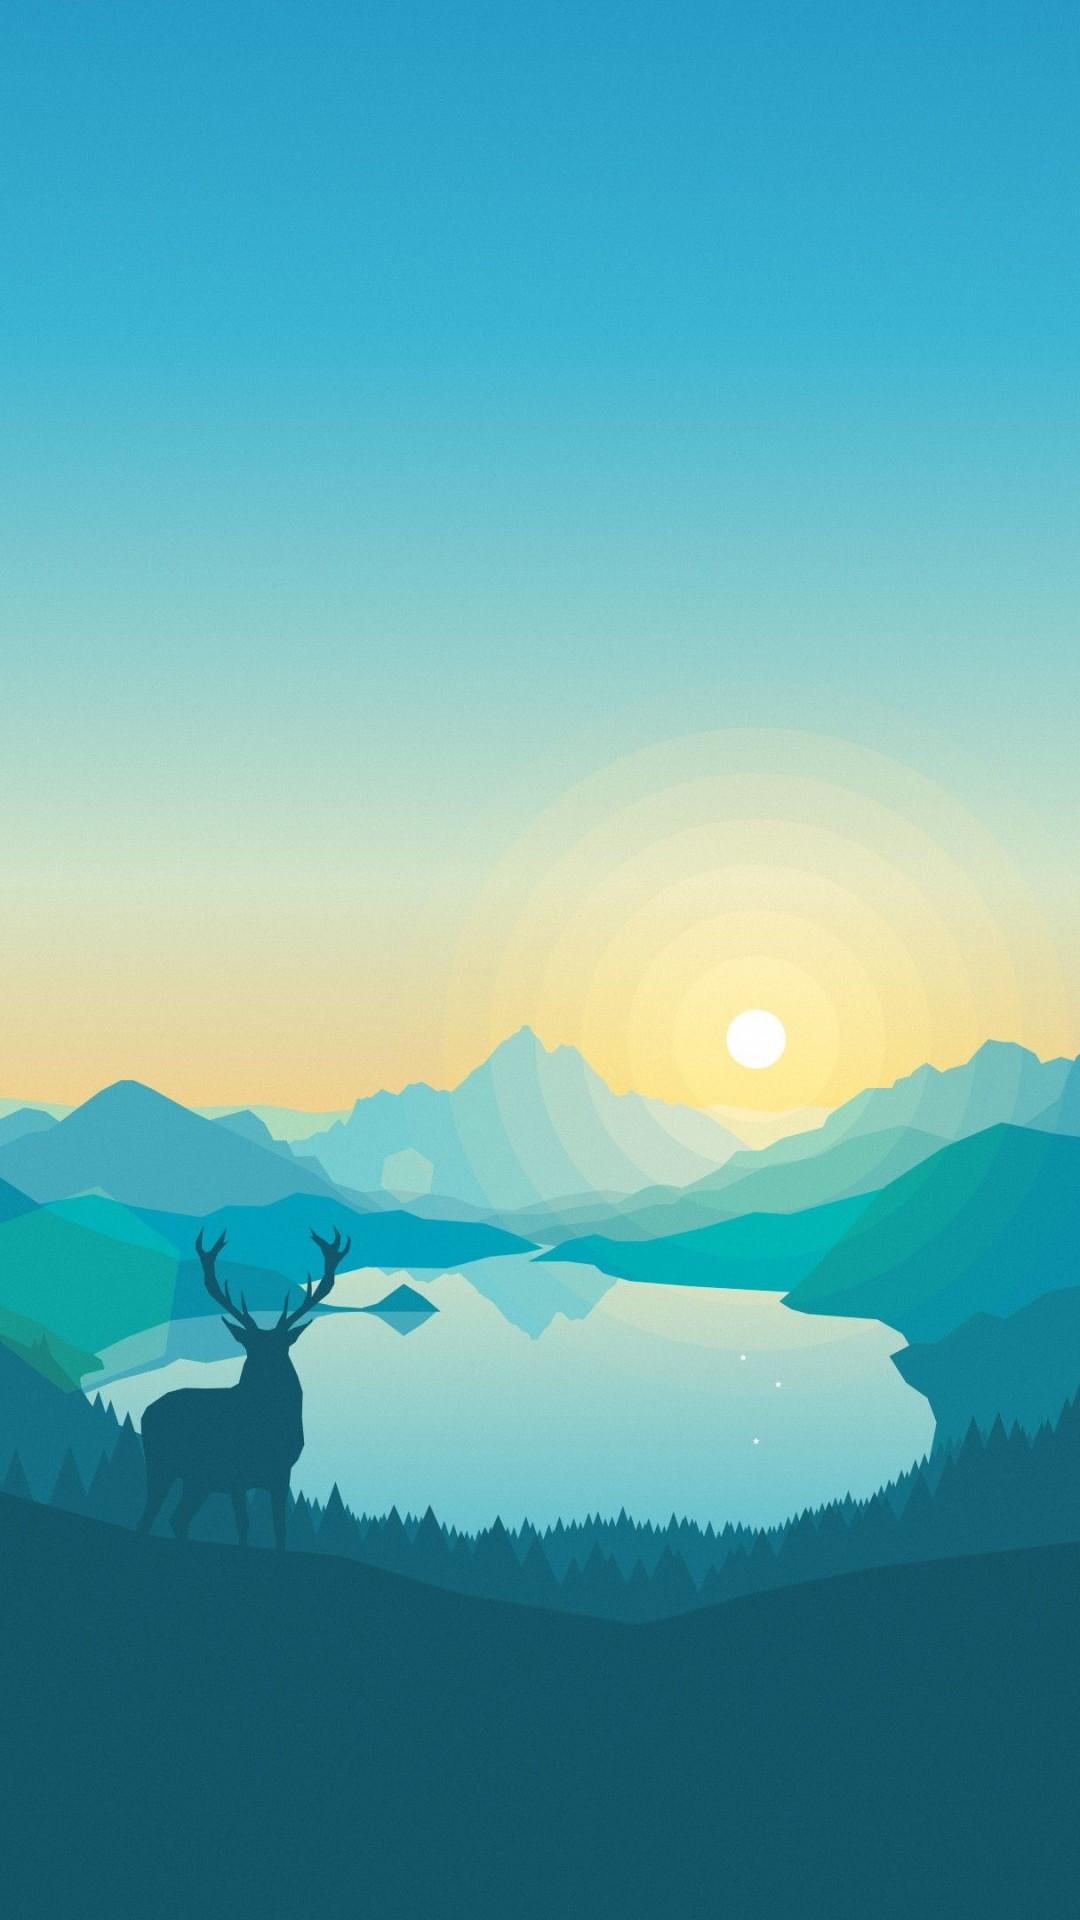 Wallpaper flat forest deer 4k 5k iphone wallpaper - Wallpaper pc 4k ...